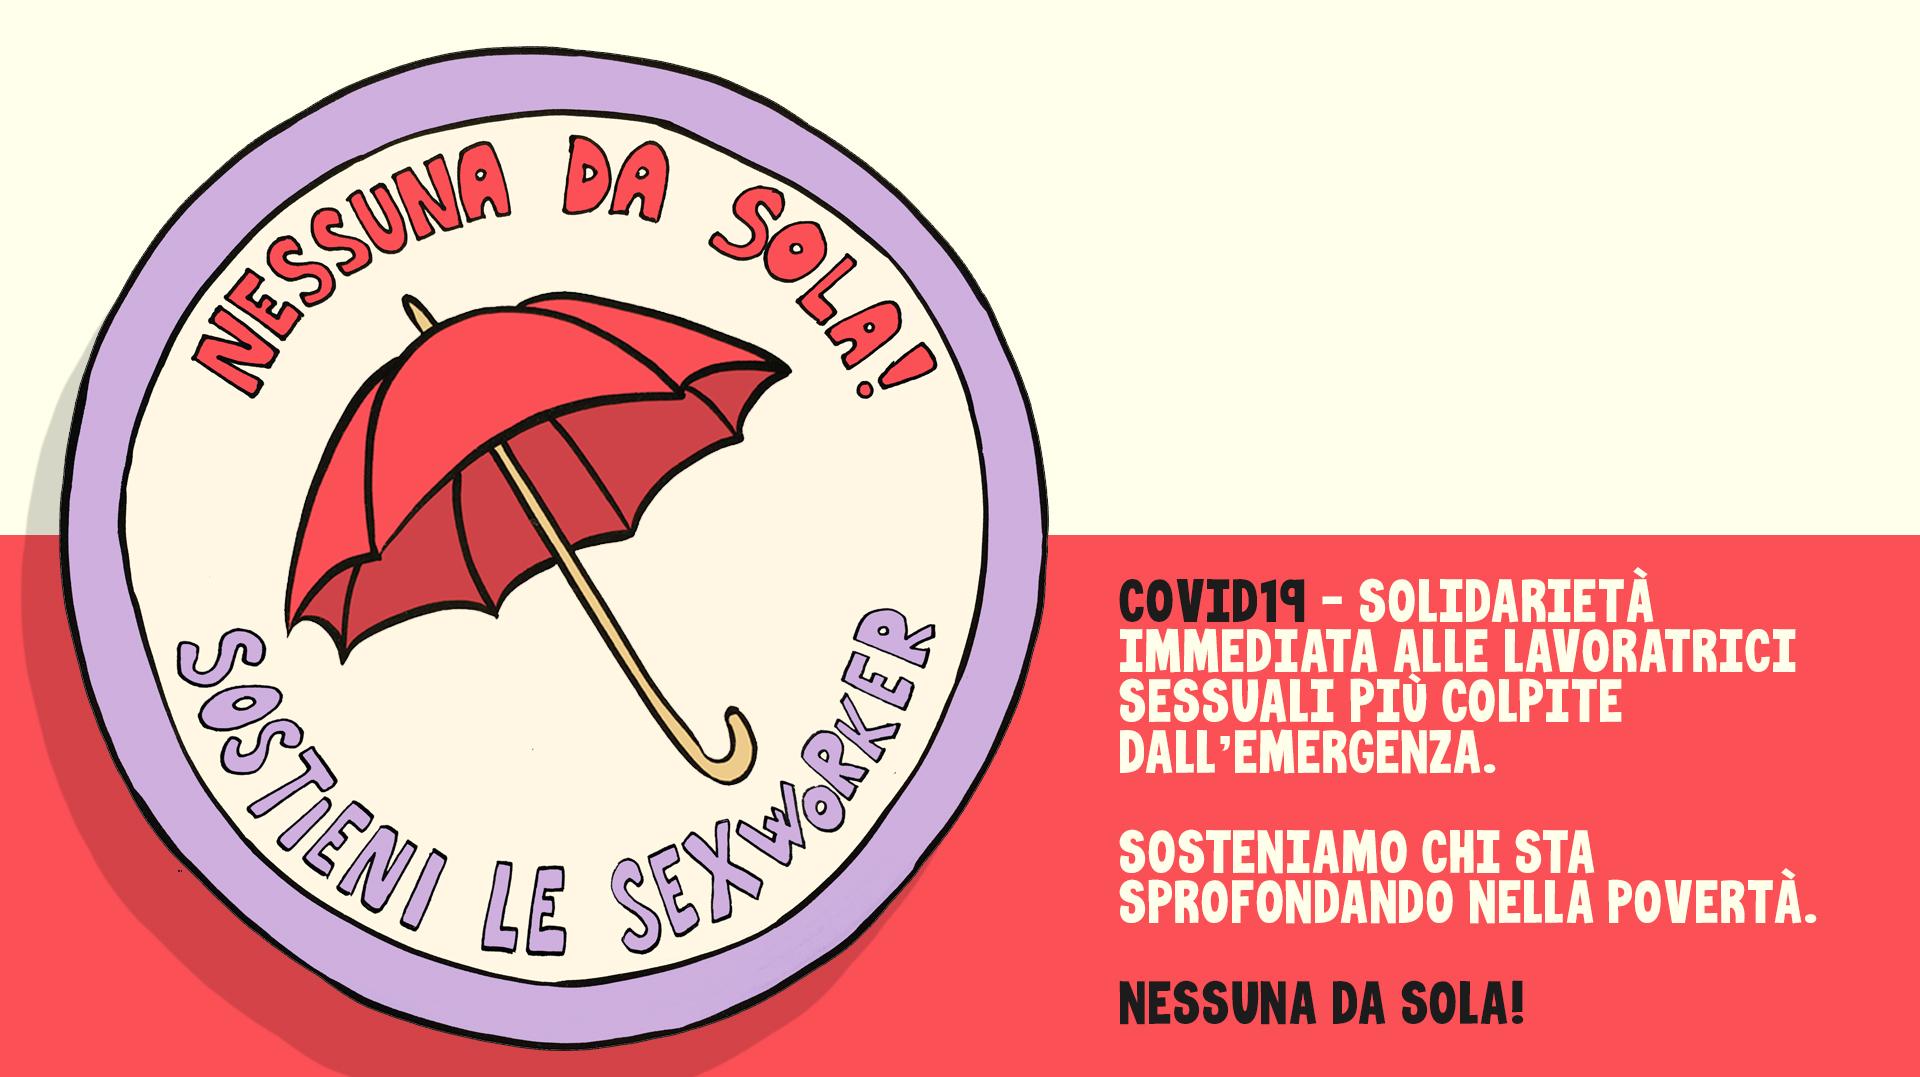 Covid19 - Nessuna da sola! Solidarietà immediata alle lavoratrici sessuali più colpite dall'emergenza